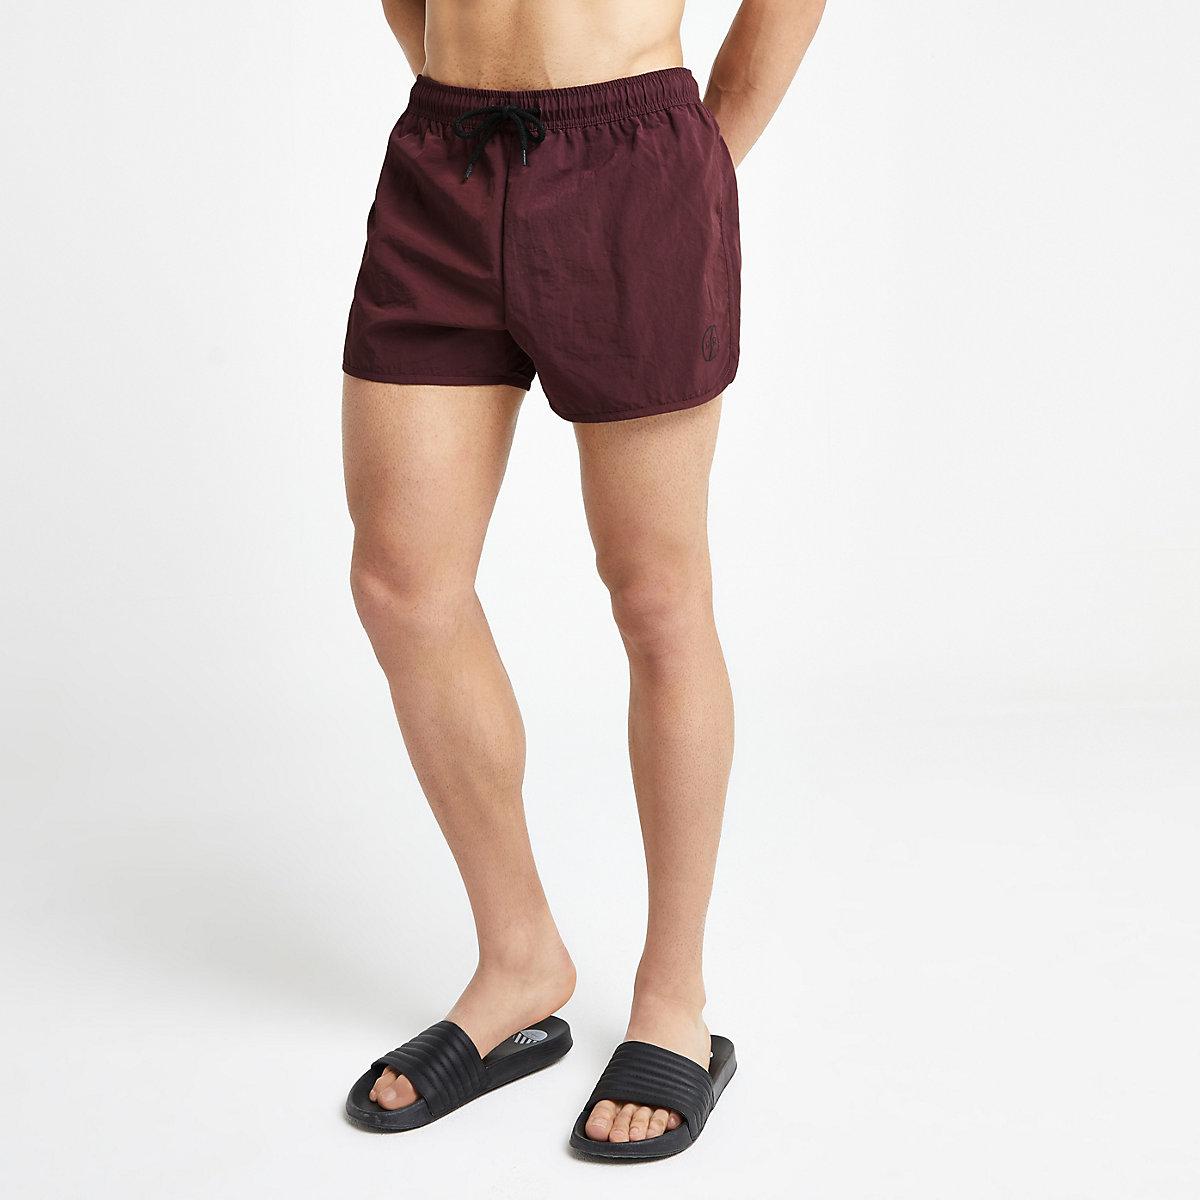 Burgundy runner swim trunks